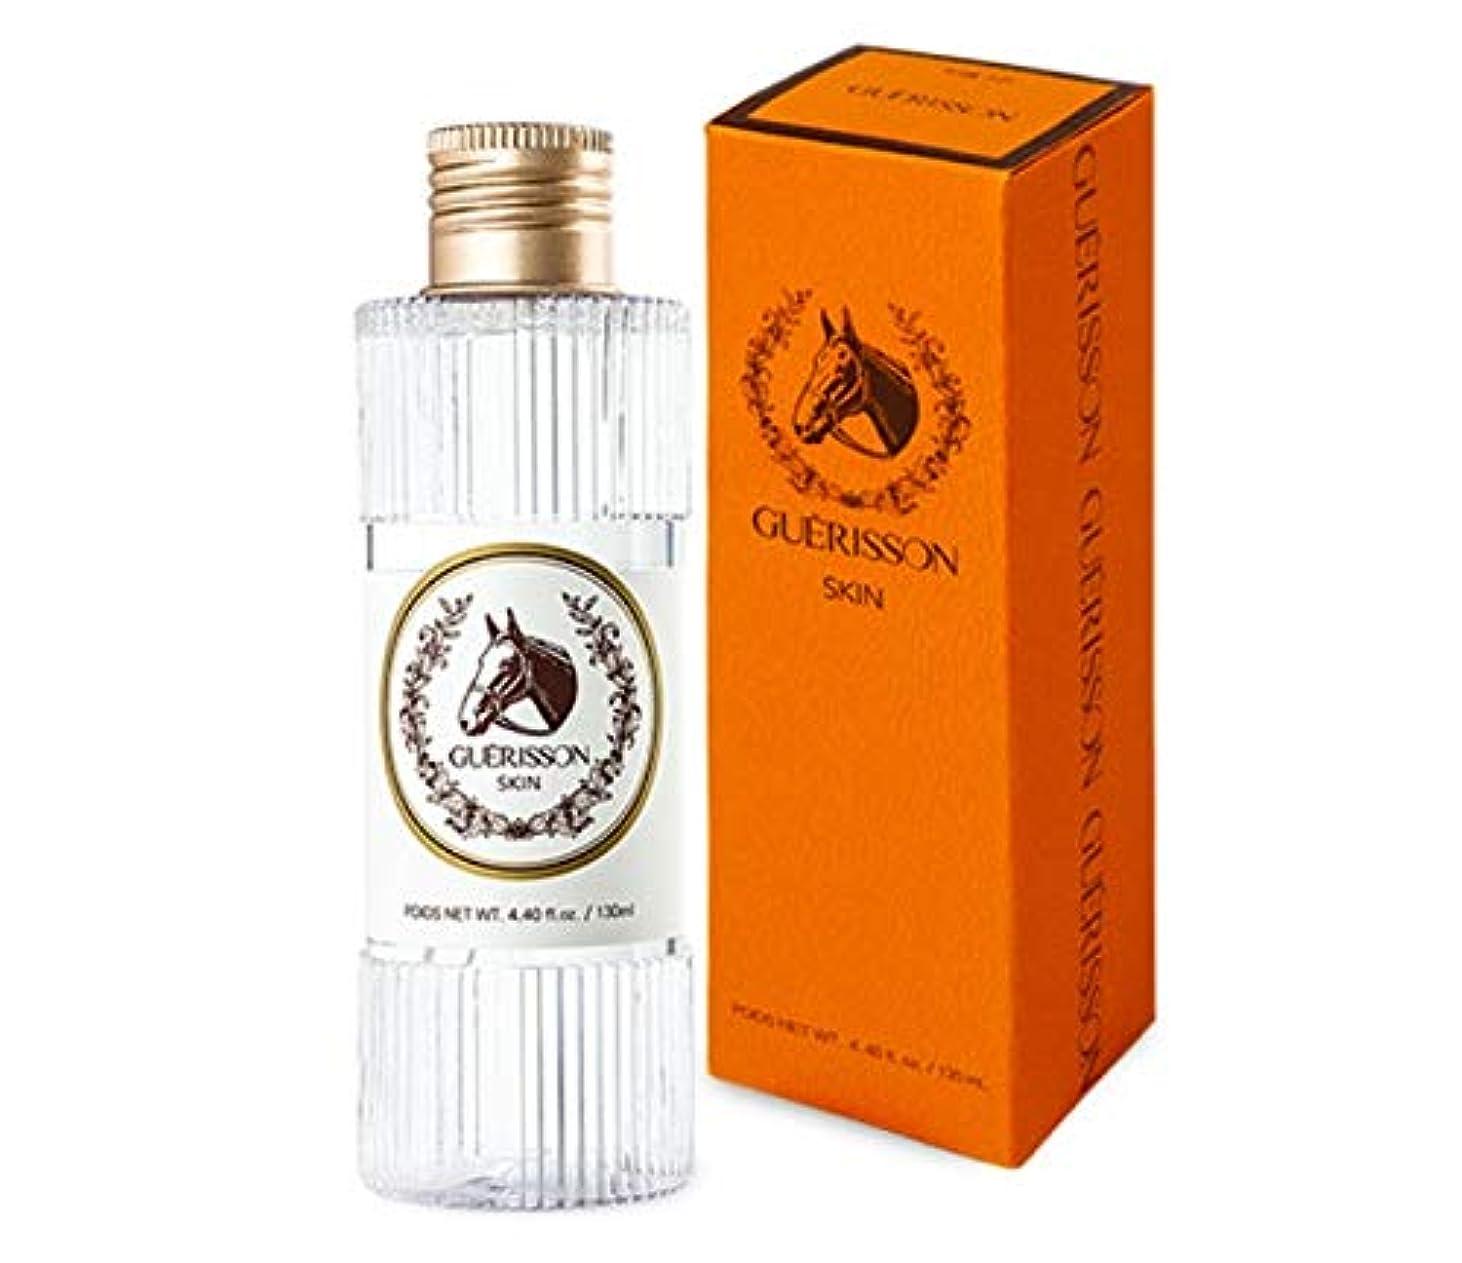 シアードル申し込むGuerisson 9 Complex Horse Oil Skin Toner 130ml/Korea Cosmetics